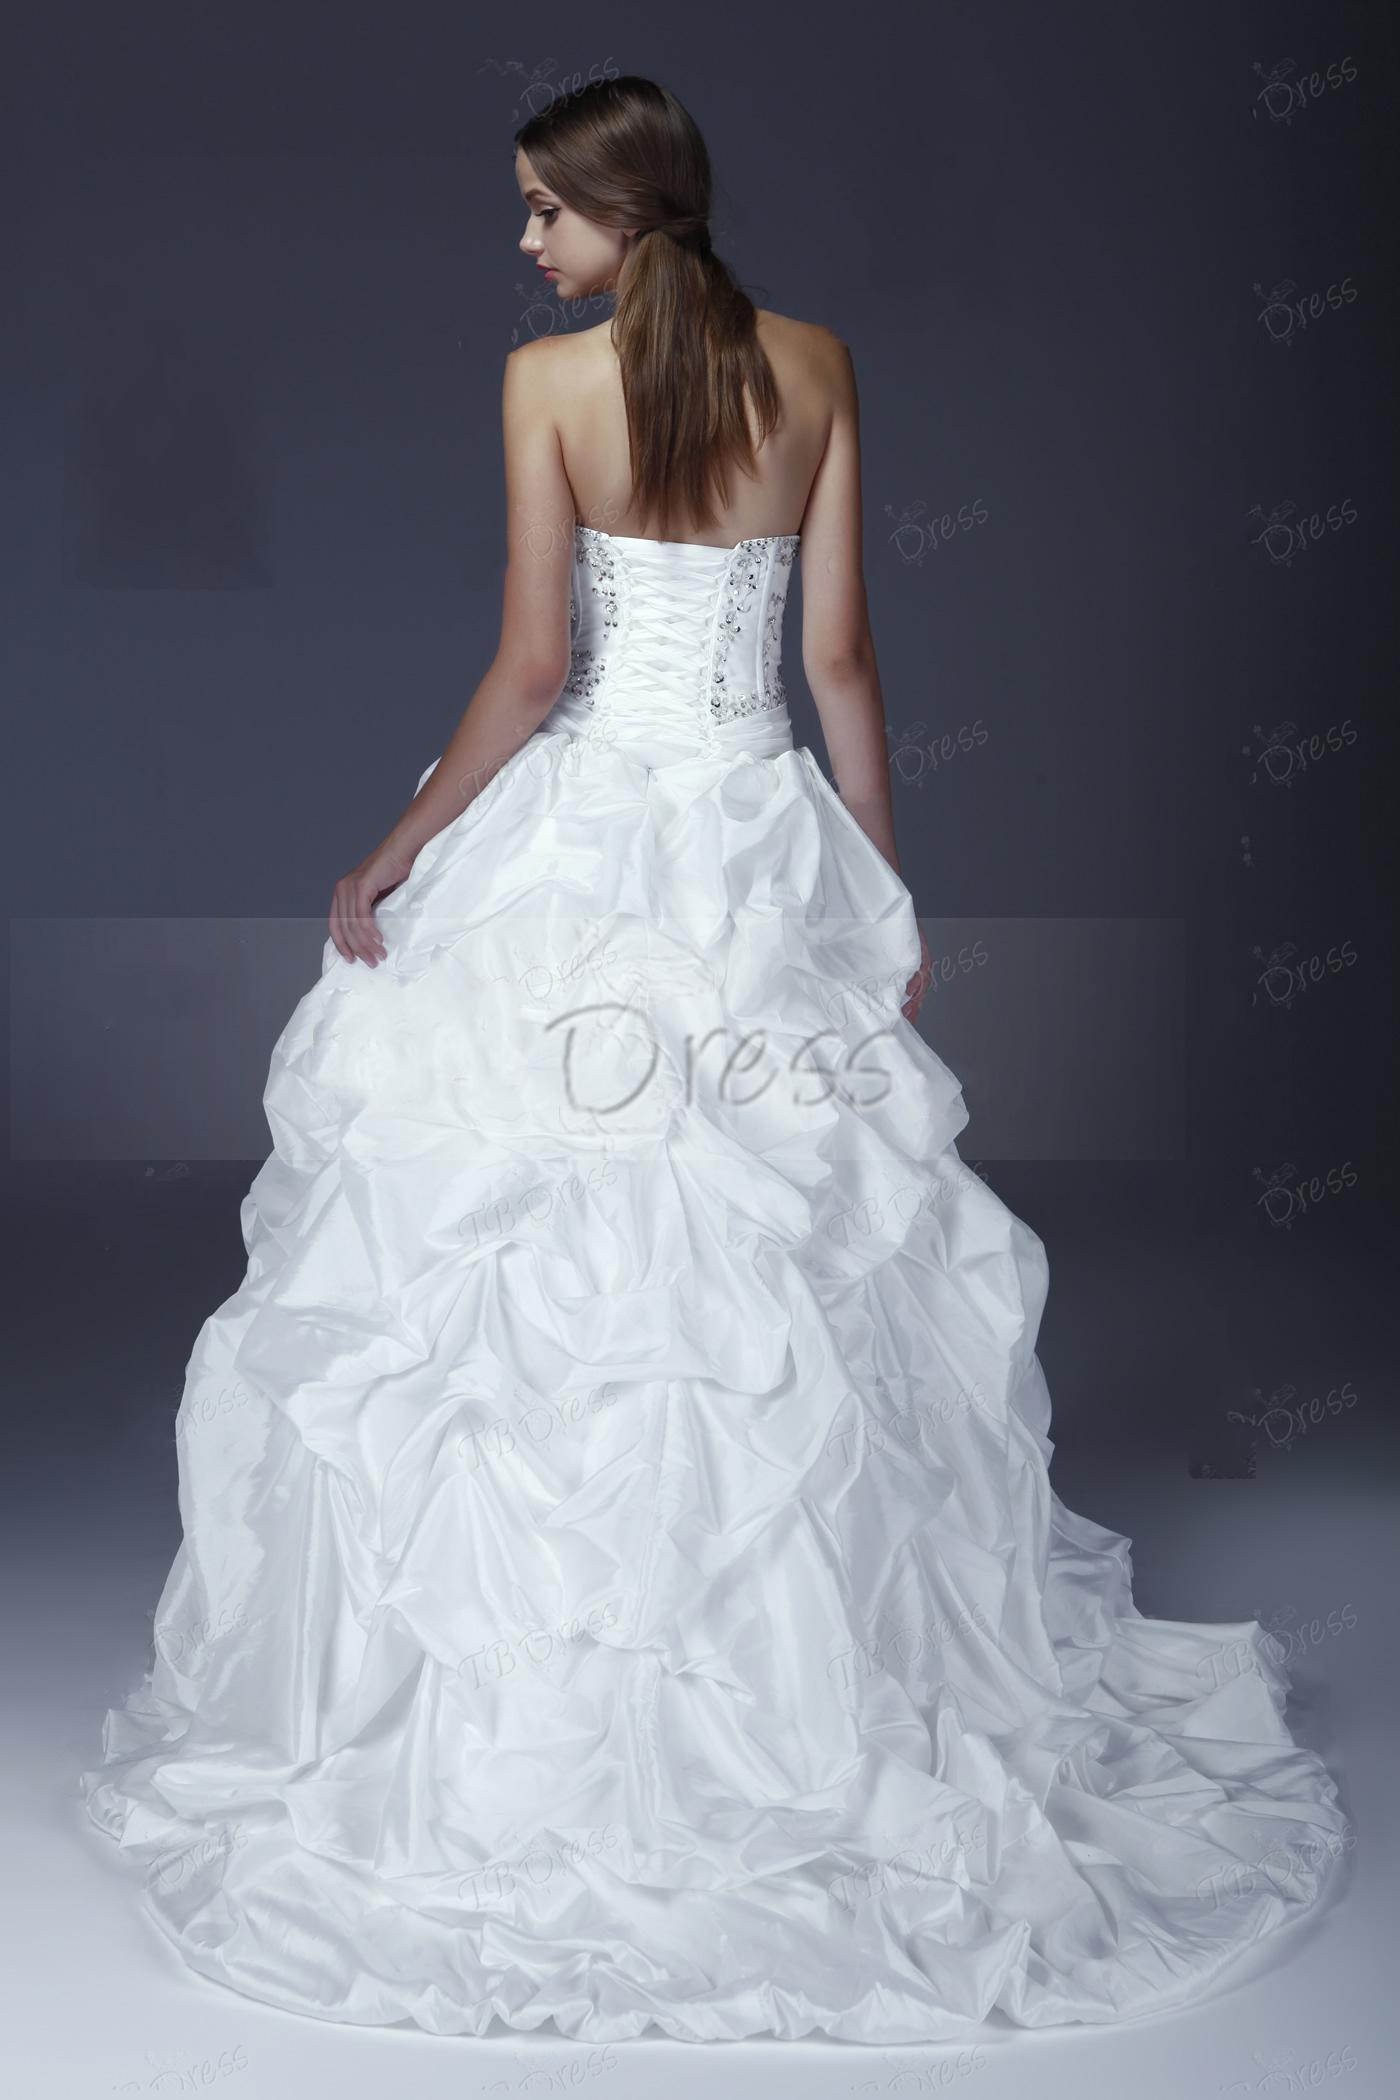 Vestido de novia Elegante del vestido de bola 2013 del amor del vestido de novia sin mangas elegante de Aleksander